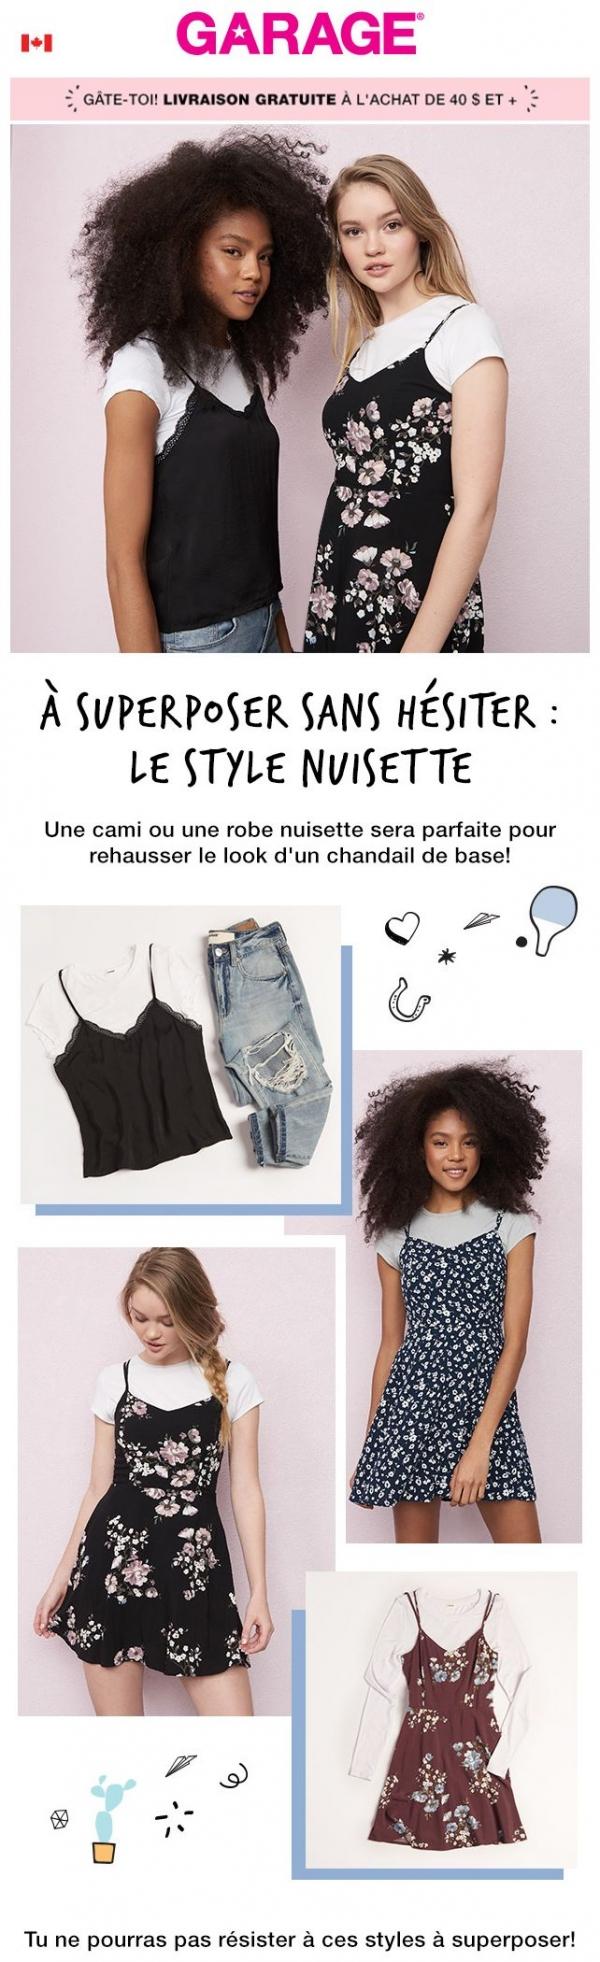 Le Style Nuisette Vole La Vedette Promotions Rabais